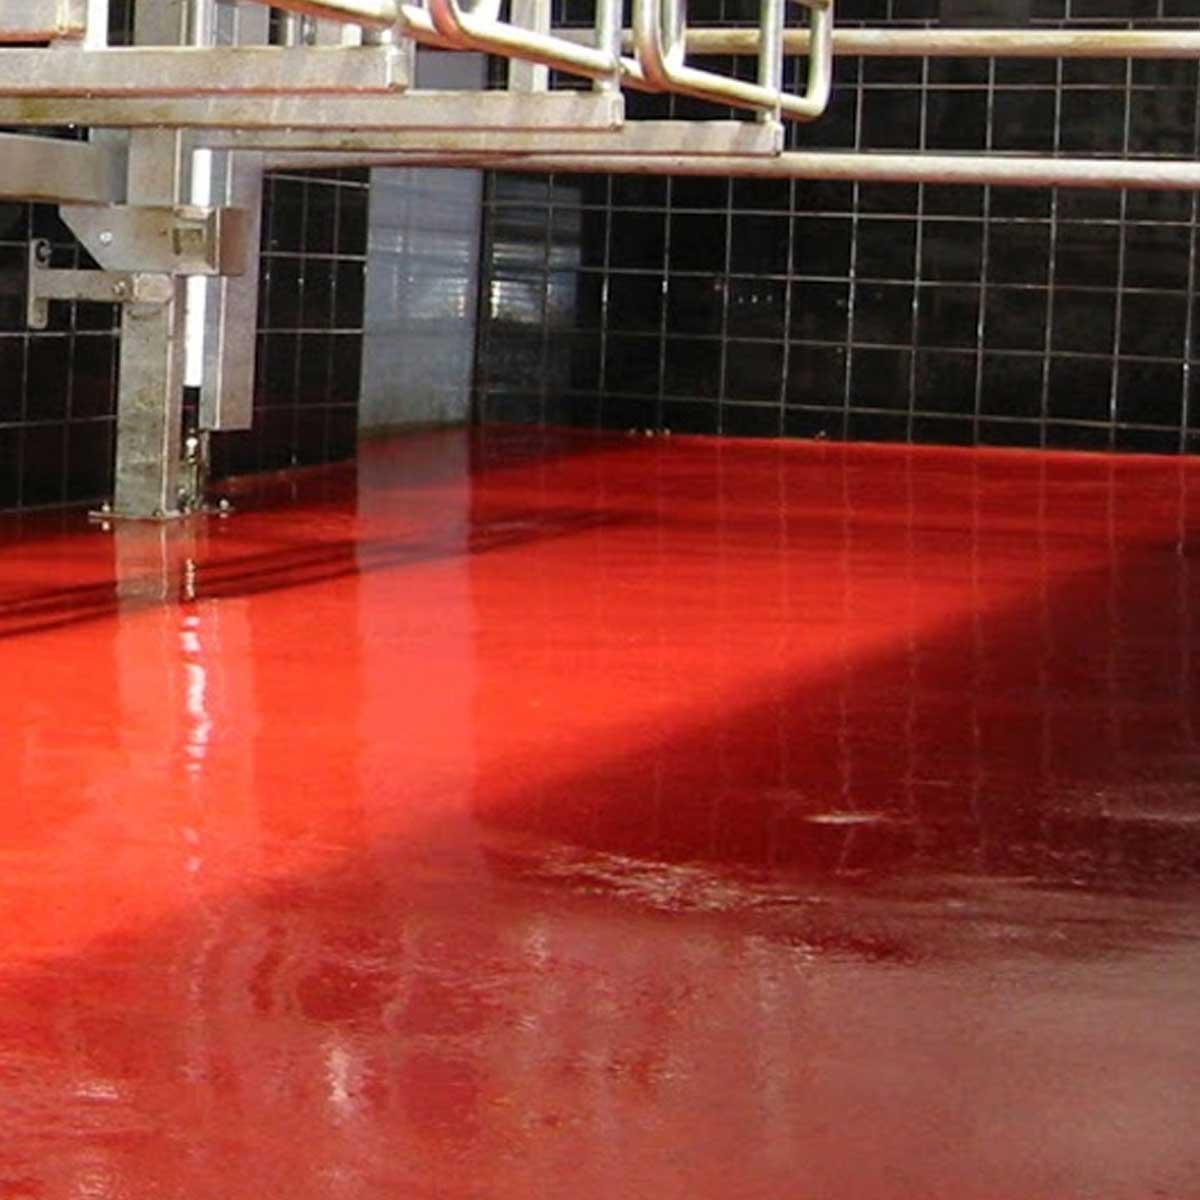 Geitenhouderij coating